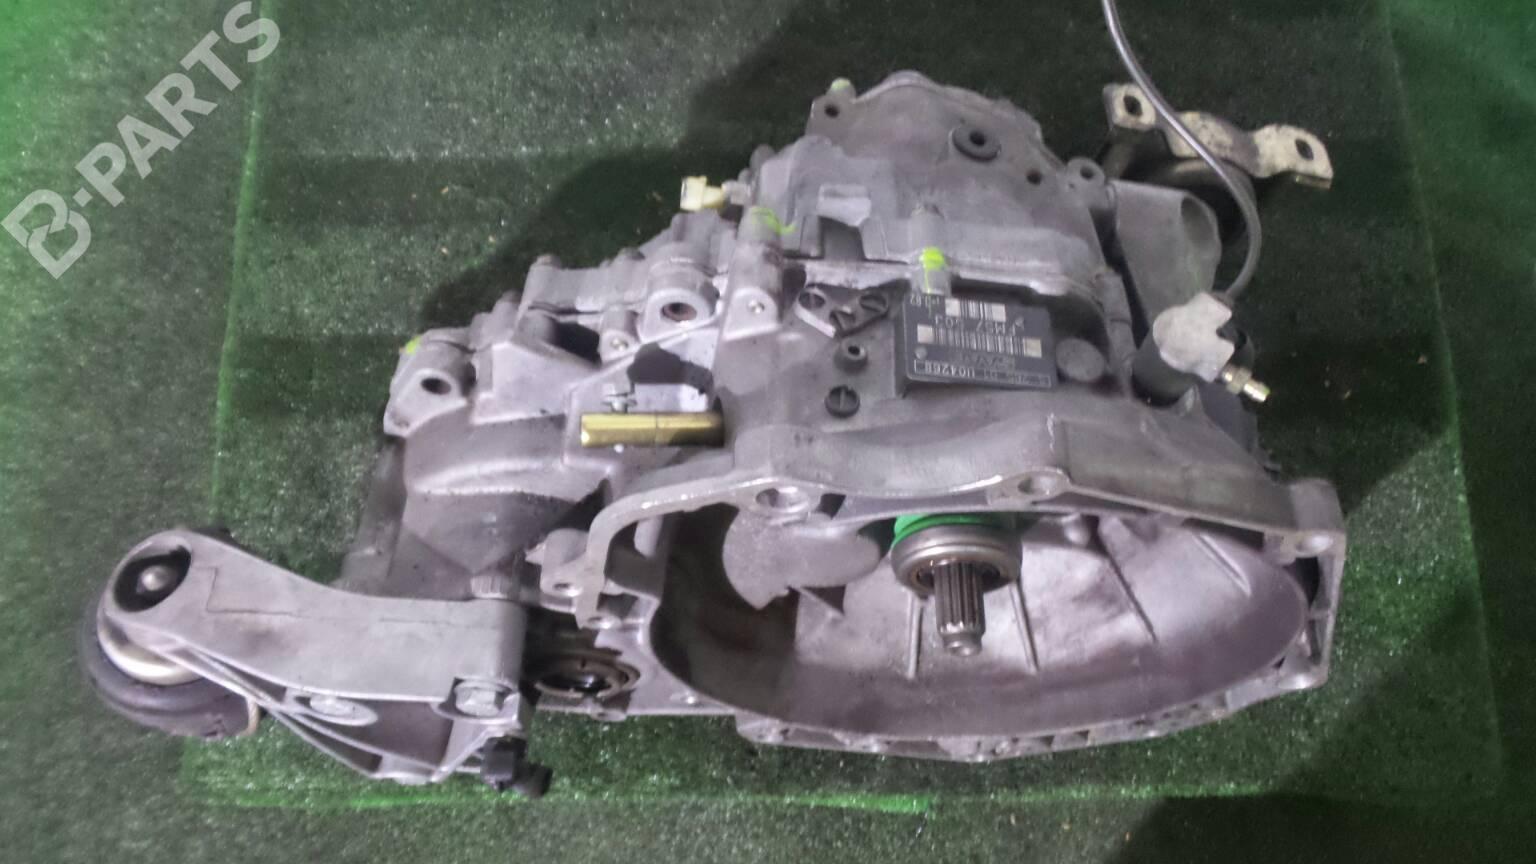 Manual Gearbox Saab 9 3 Ys3d 22 Tid 125464 2000 Engine Diagram Fm 57503 Tid5